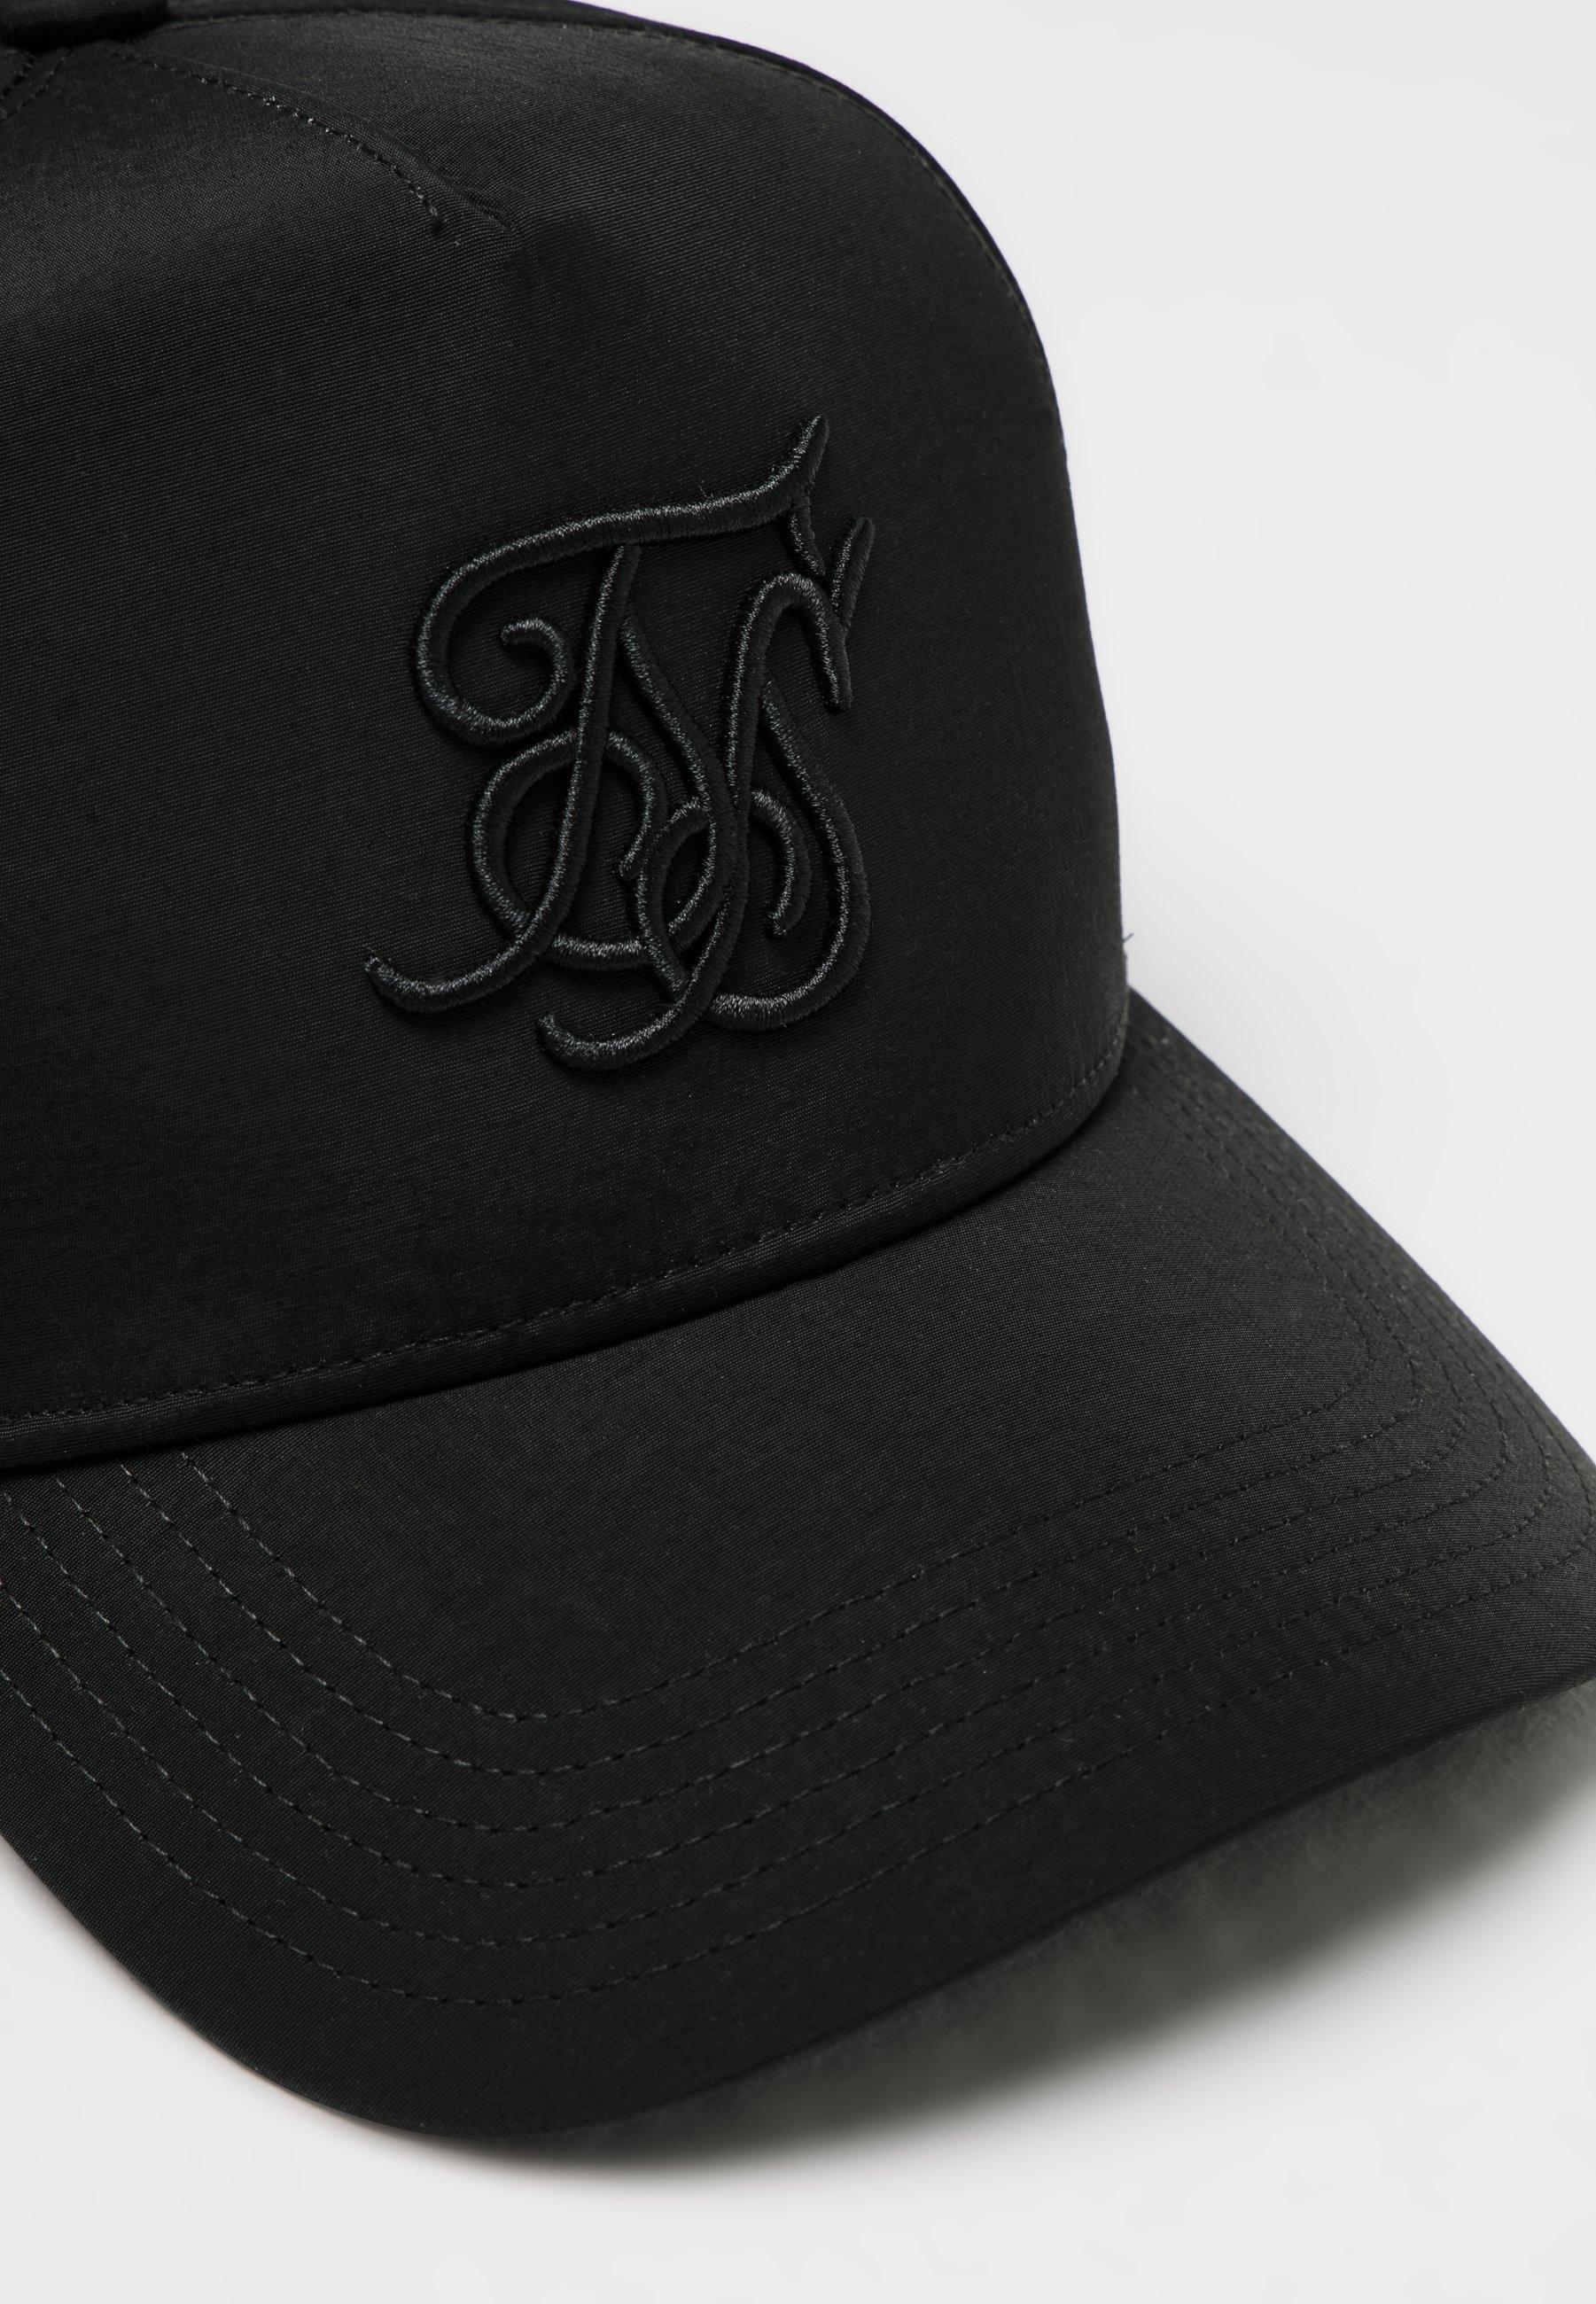 SIKSILK Cap - black/svart Cc7W7acGLwBH4Aj